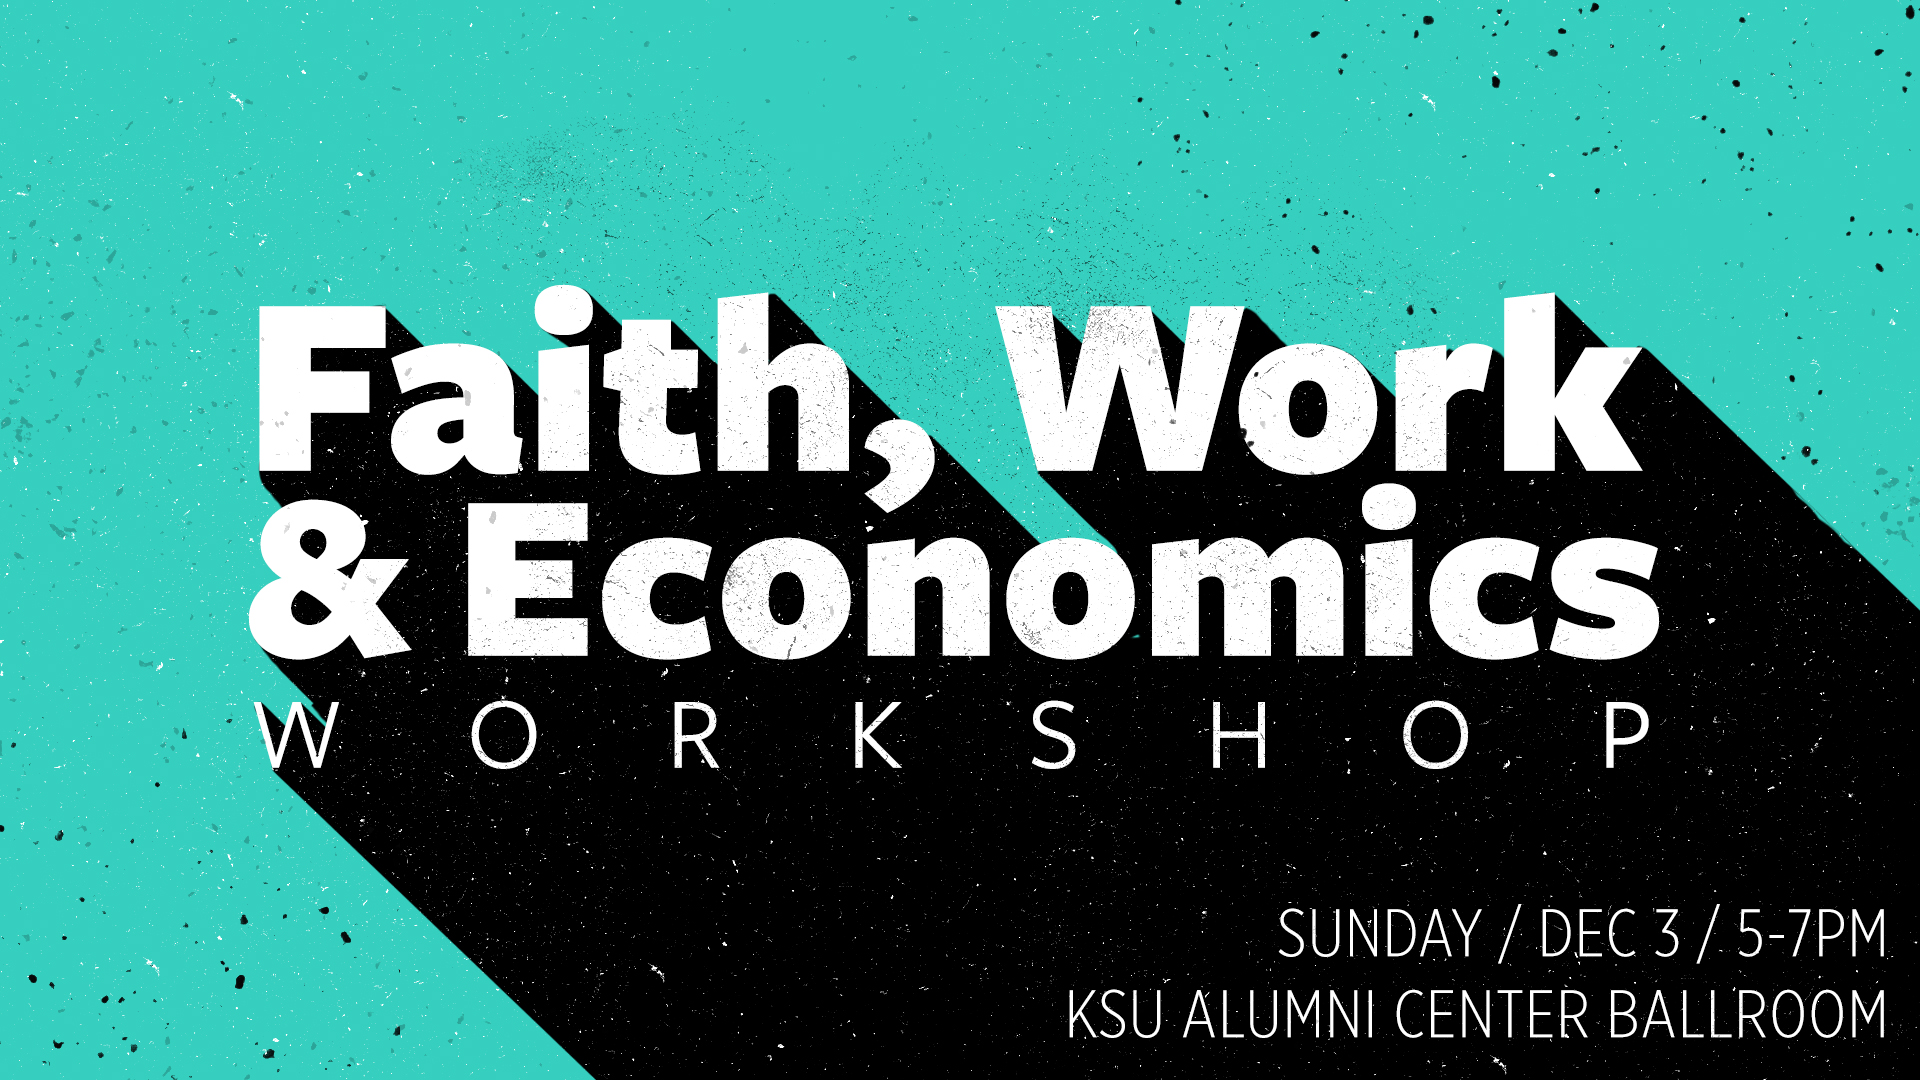 2017-FaithWorkEconomics-Facebook.jpg